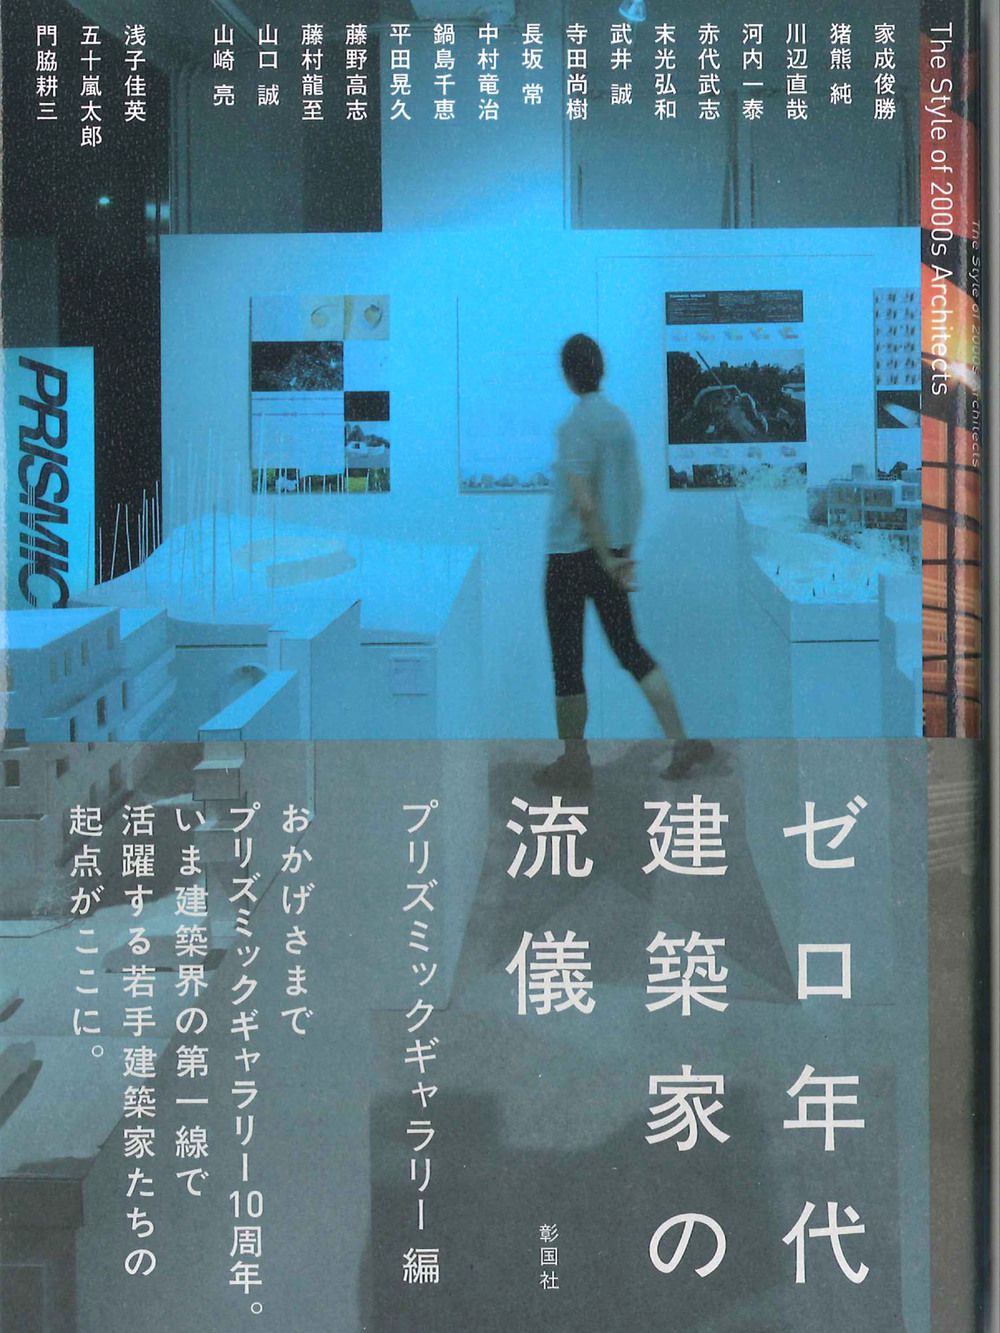 エマニュエル・ムホー展<br>色切/shikiri